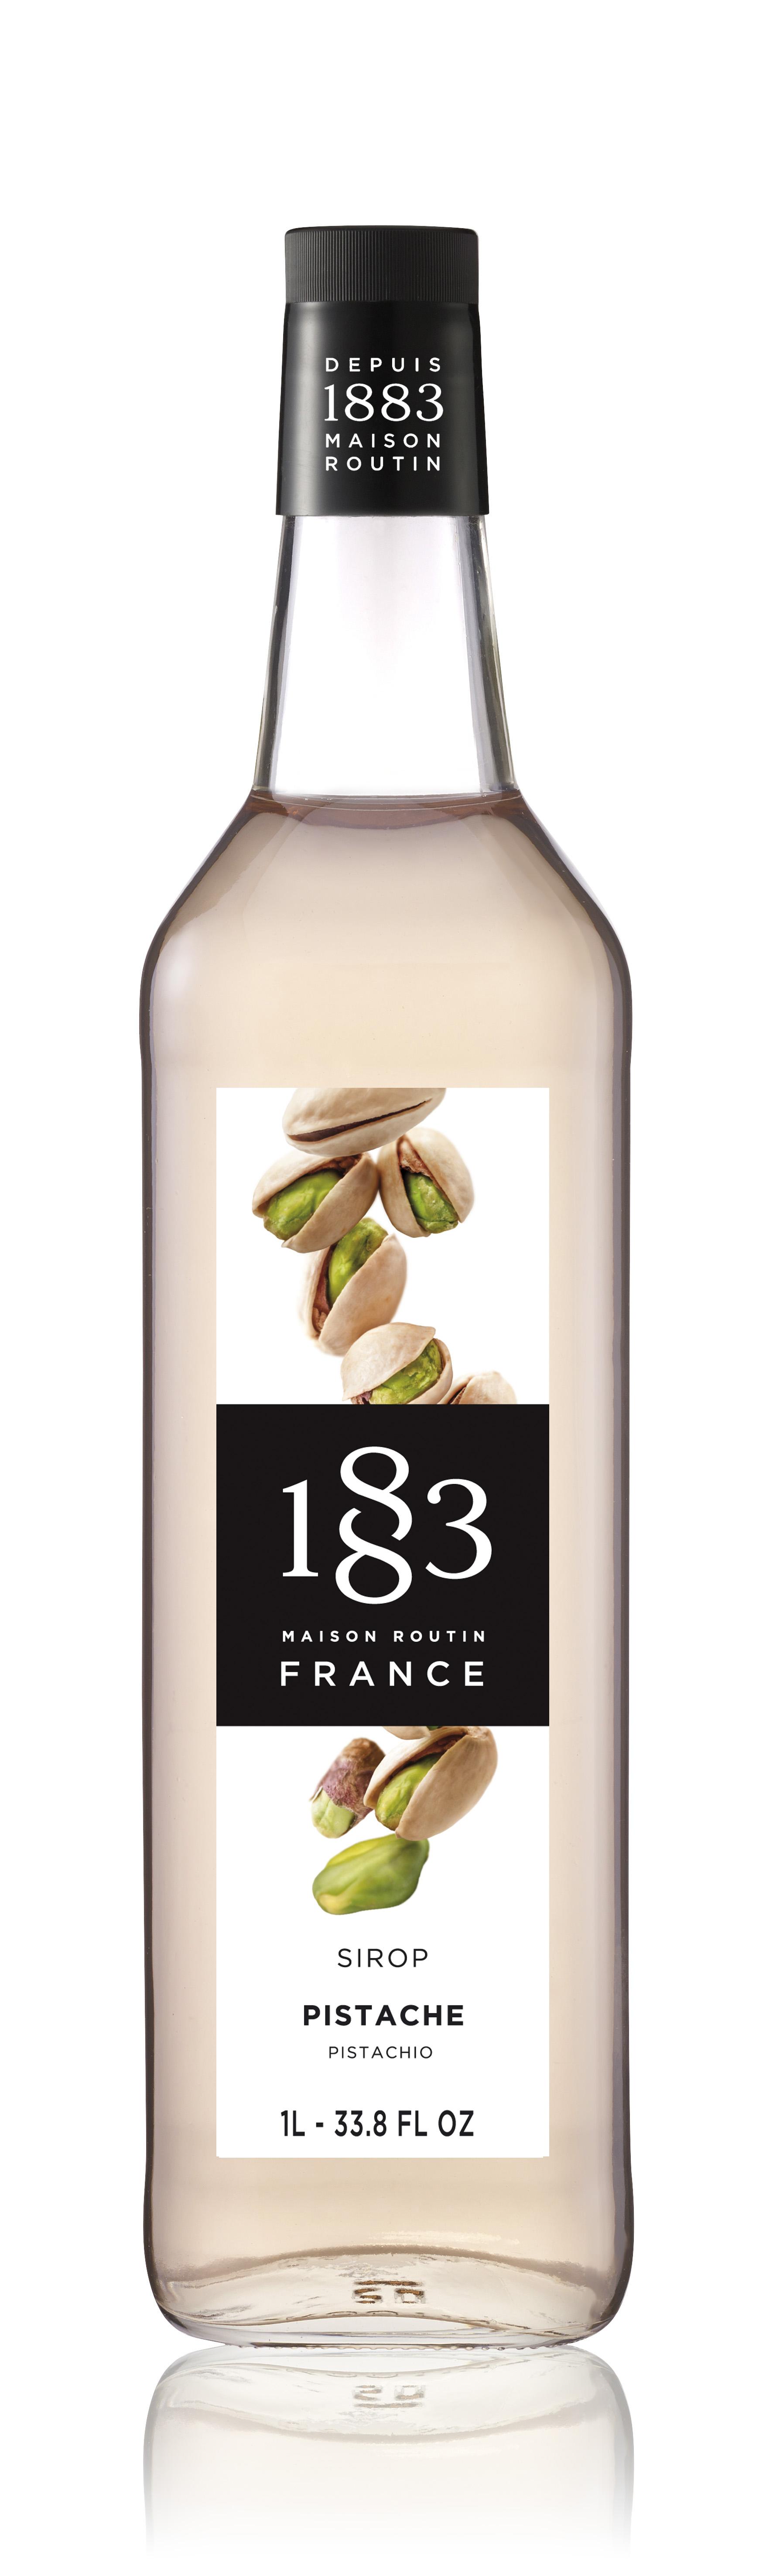 1883 Syrup Pistachio 1L Glass Bottle